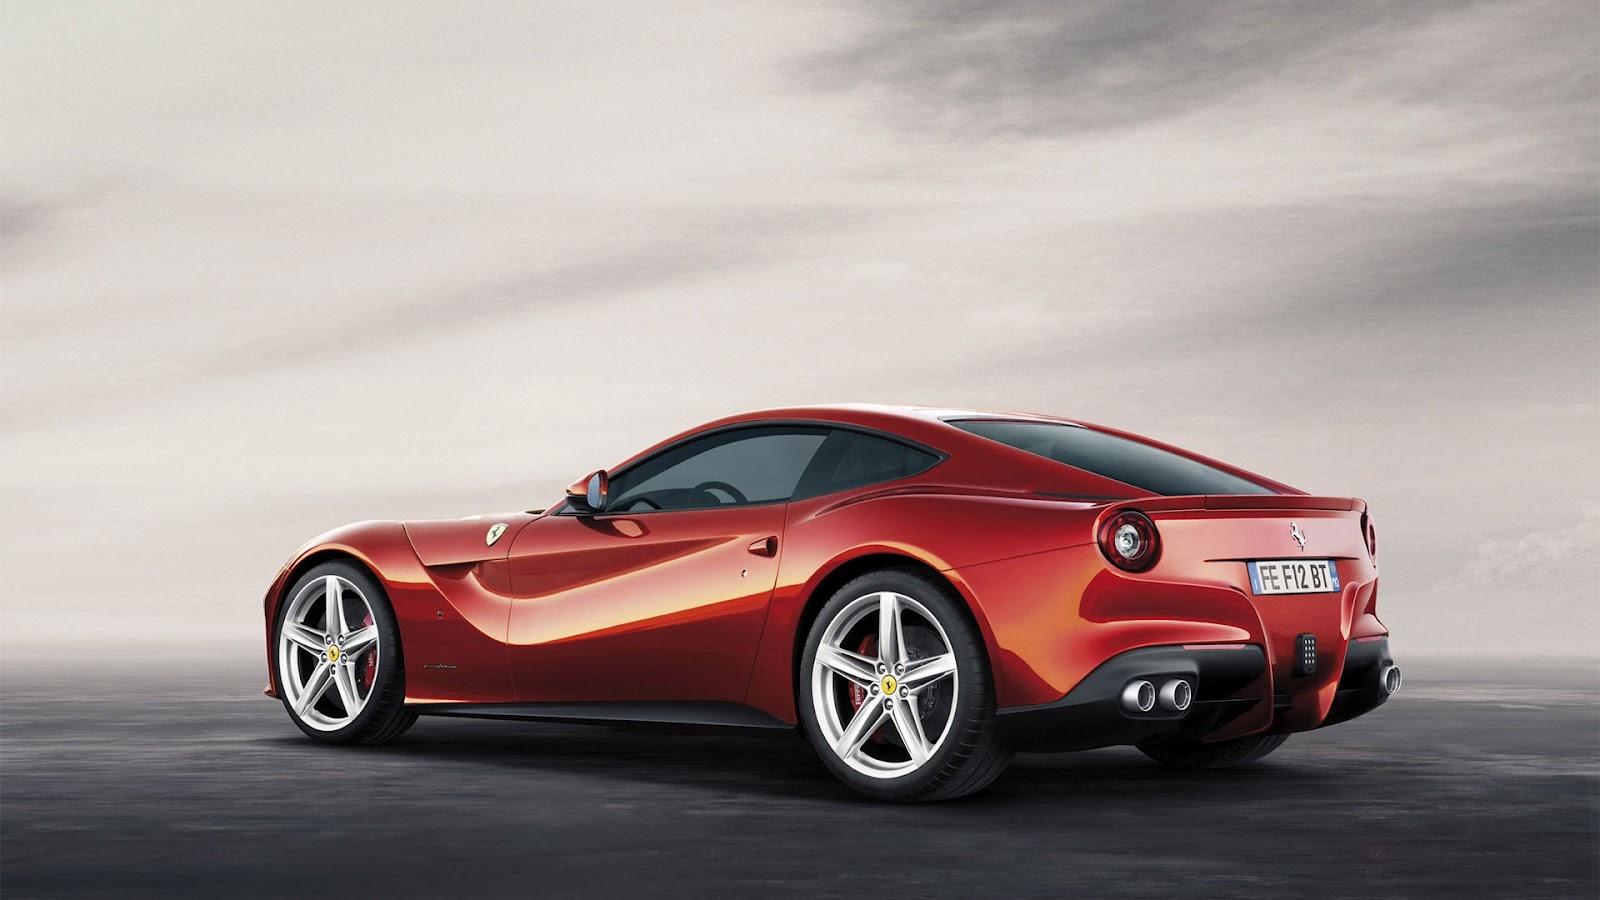 http://3.bp.blogspot.com/--U8Oac-Fvs8/T6ywvuDyVDI/AAAAAAAAAt4/5w78InLDamo/s1600/Ferrari+F12berlinetta+02.jpg